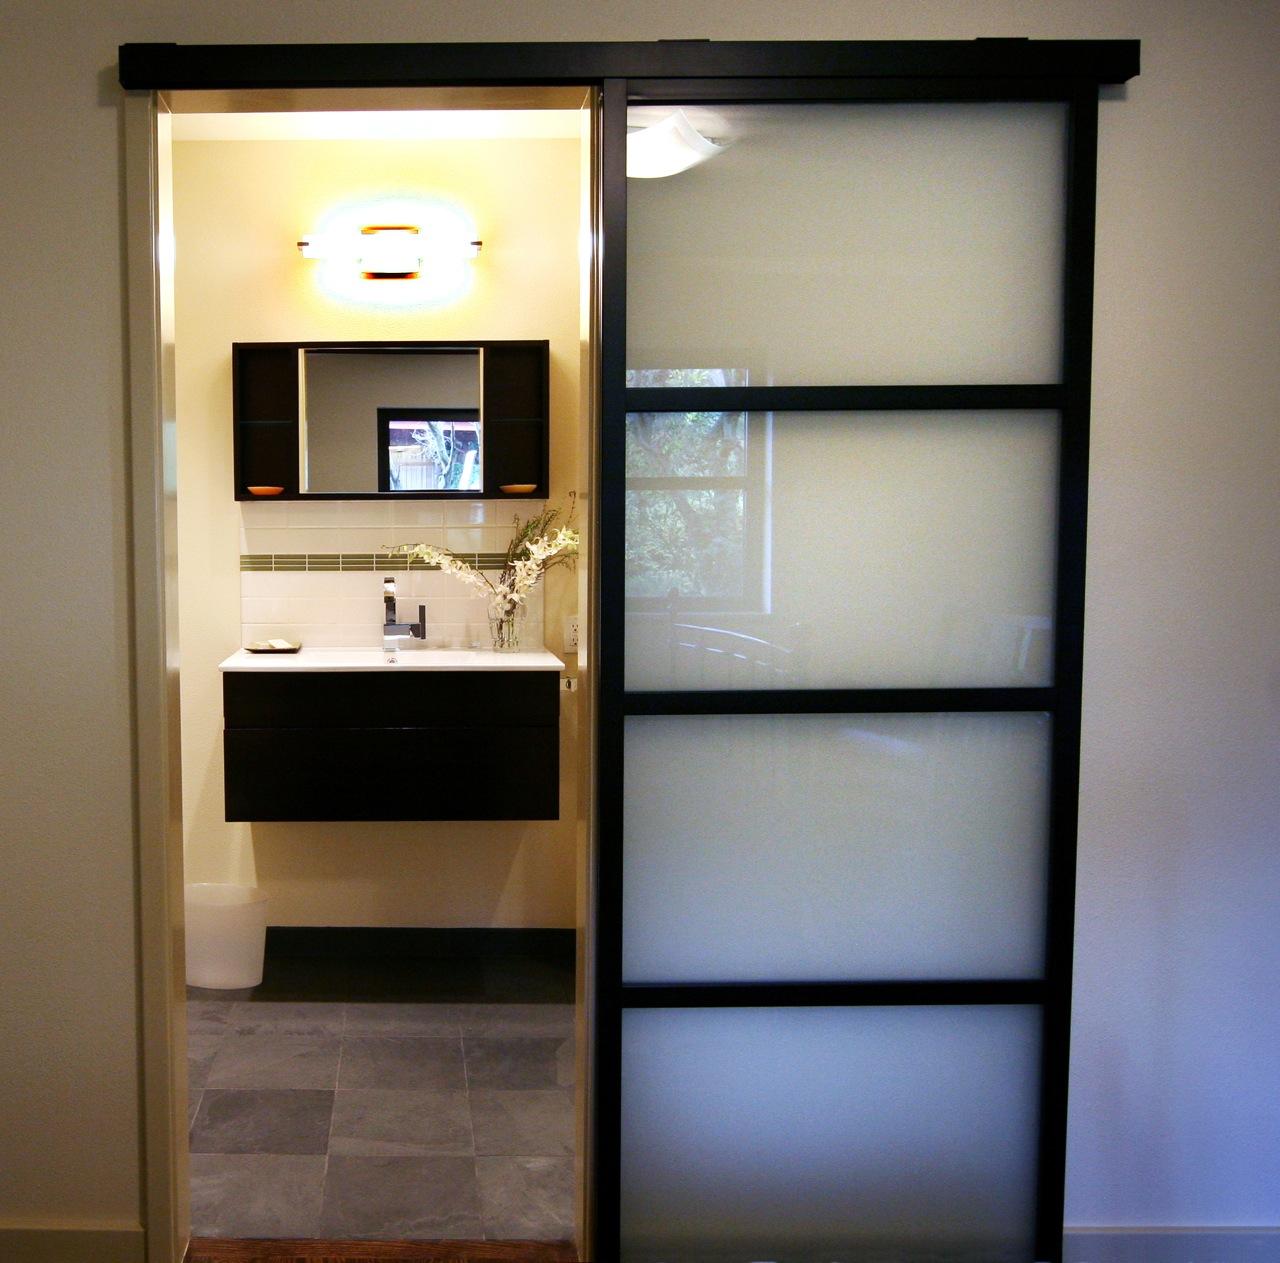 cedar park guest suite new bathroom- san francisco door slider.jpg